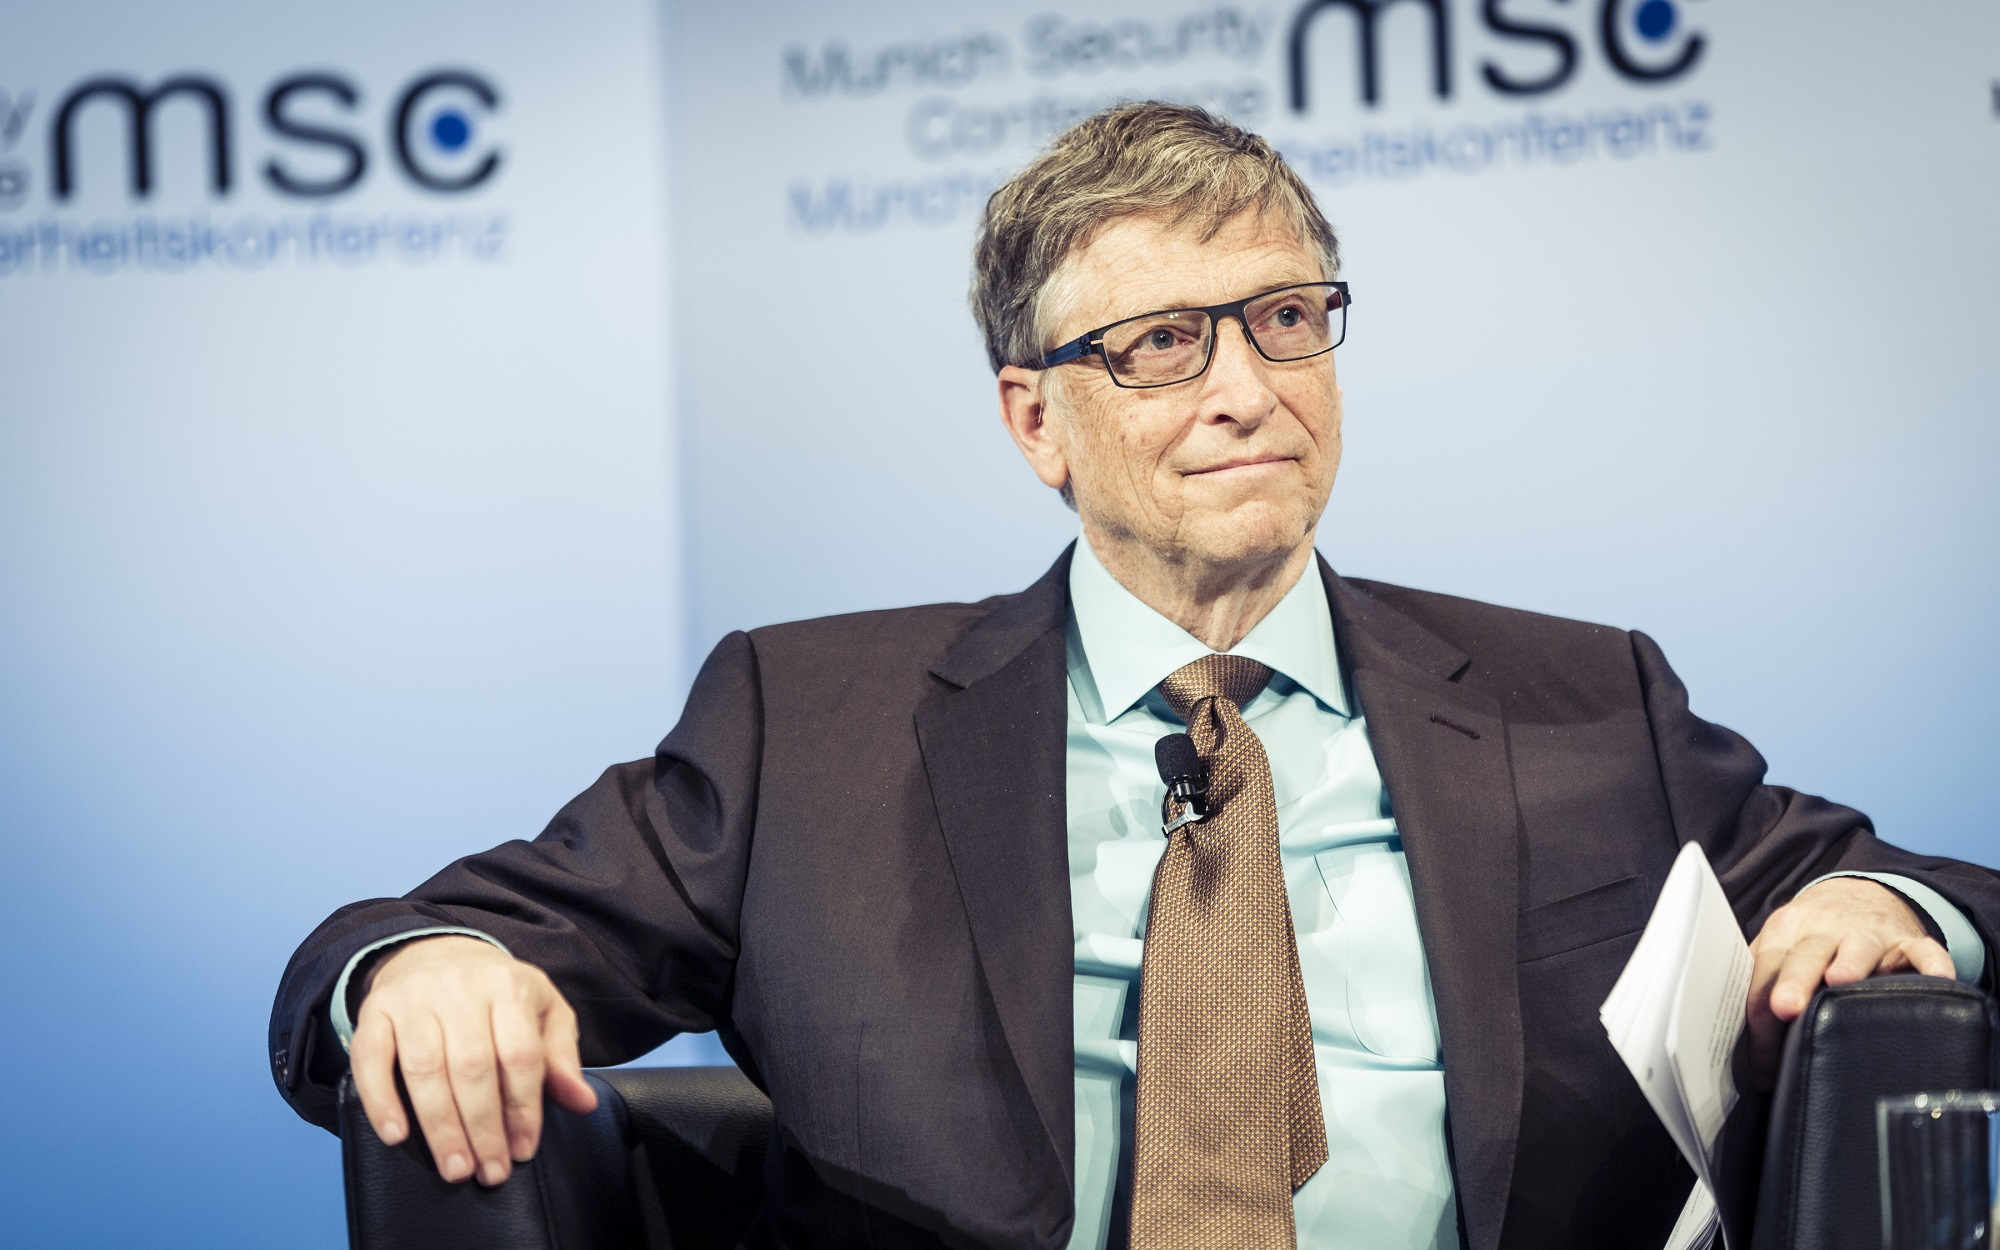 Bil Gejts: 6 inovacija za menjanje sveta